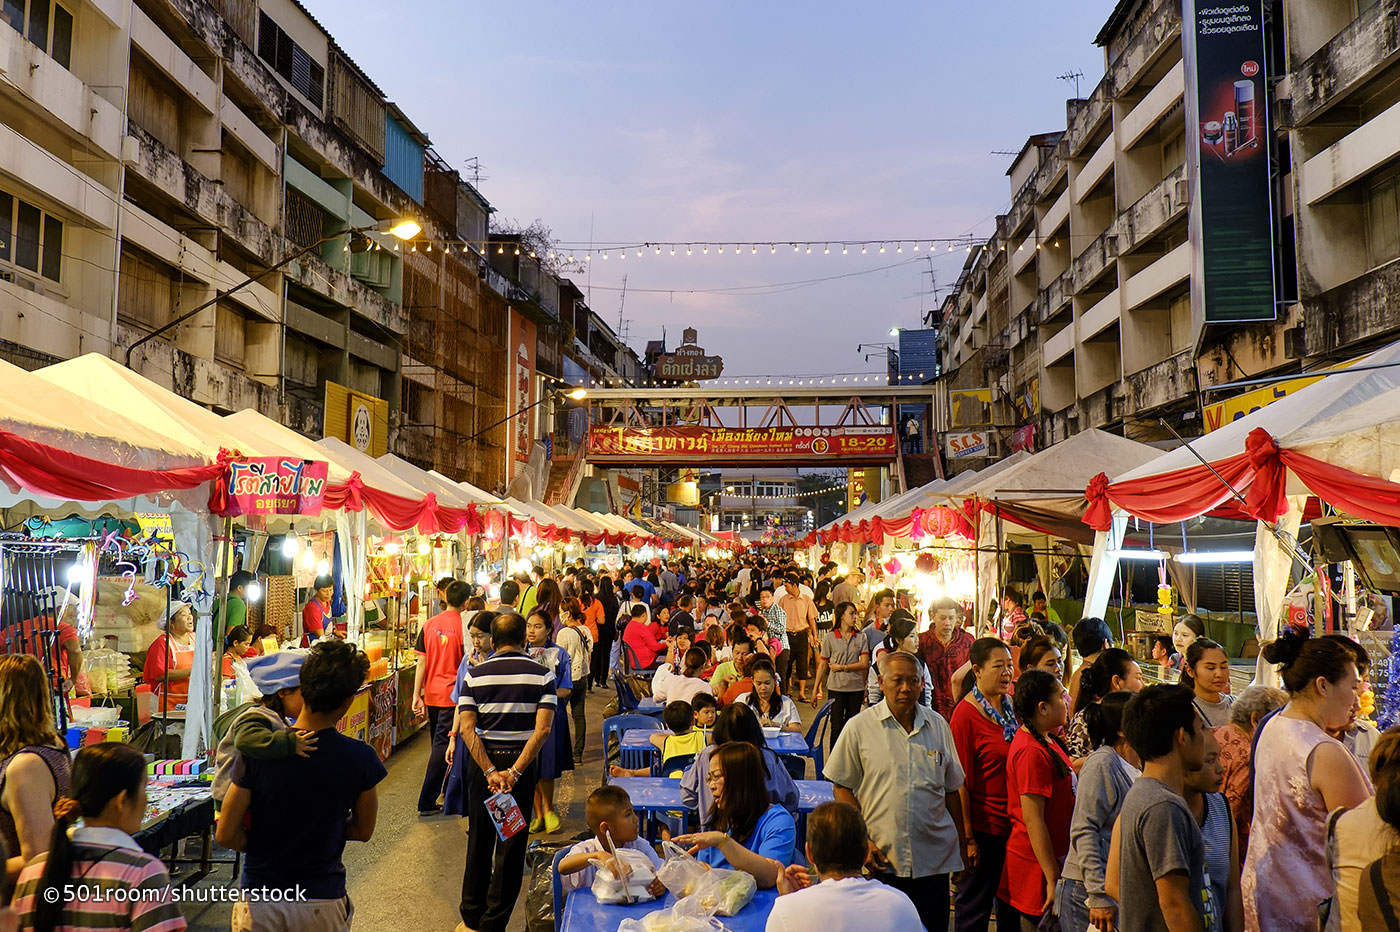 أفضل الأسواق الشعبية في بانكوك فى تايلاند